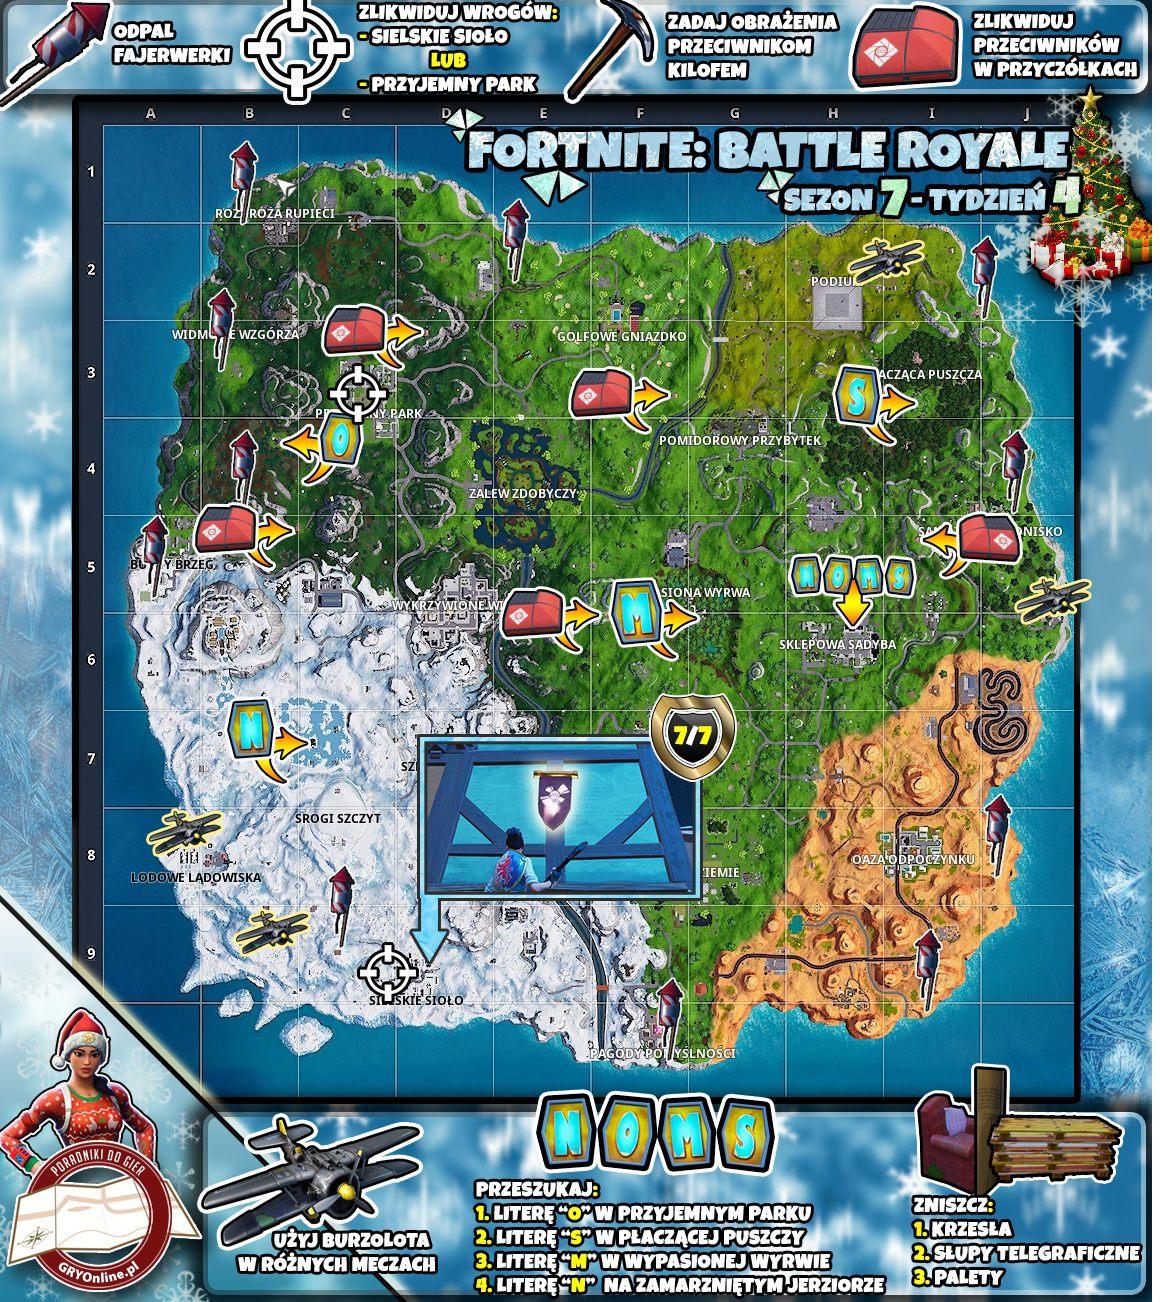 Mapa Wyzwań Sezon 7 Tydzień 4 Wyzwania Fortnite Battle Royale